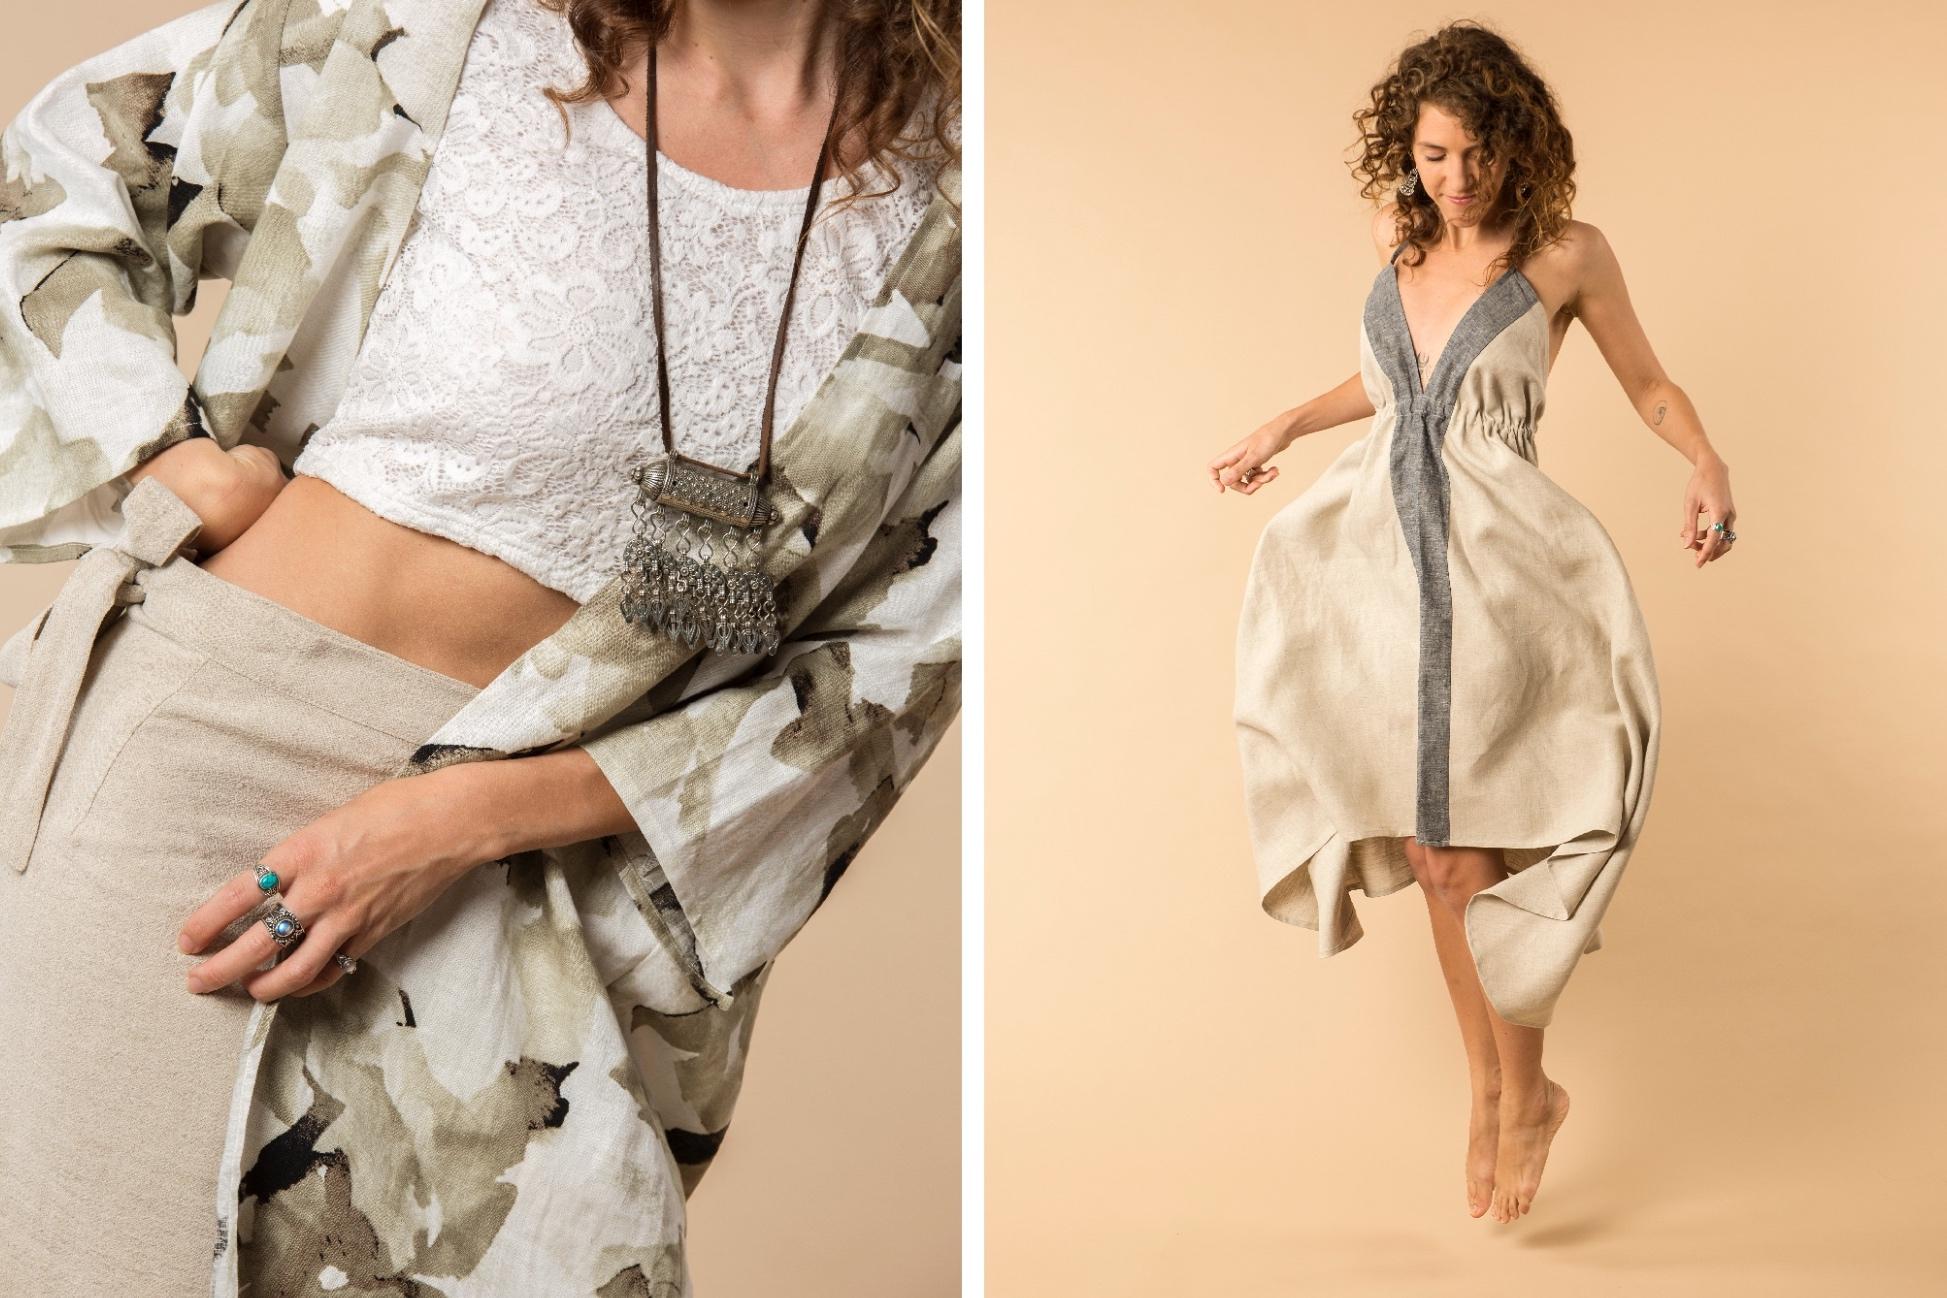 ff8334c1c0 Ethical Womenswear - MOCHNI